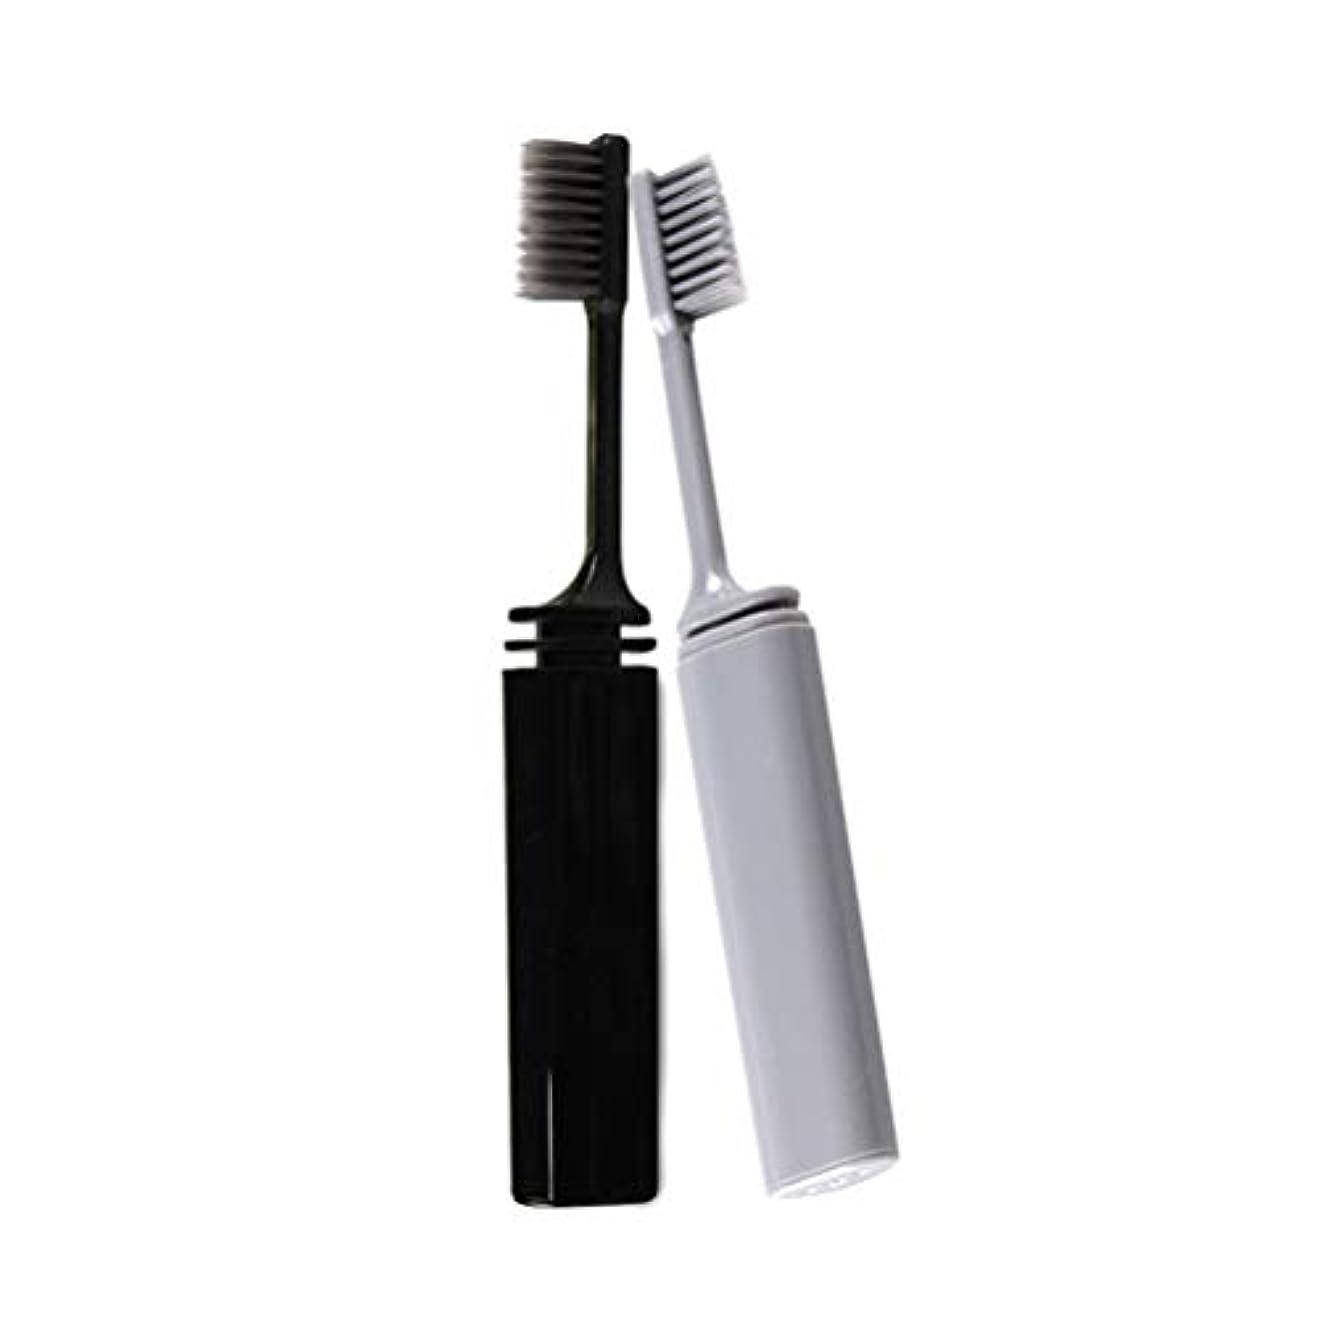 耐久コモランマ保守的Healifty 旅行用携帯用歯ブラシ折りたたみ竹炭歯ブラシ2本(グレー+ブラック)